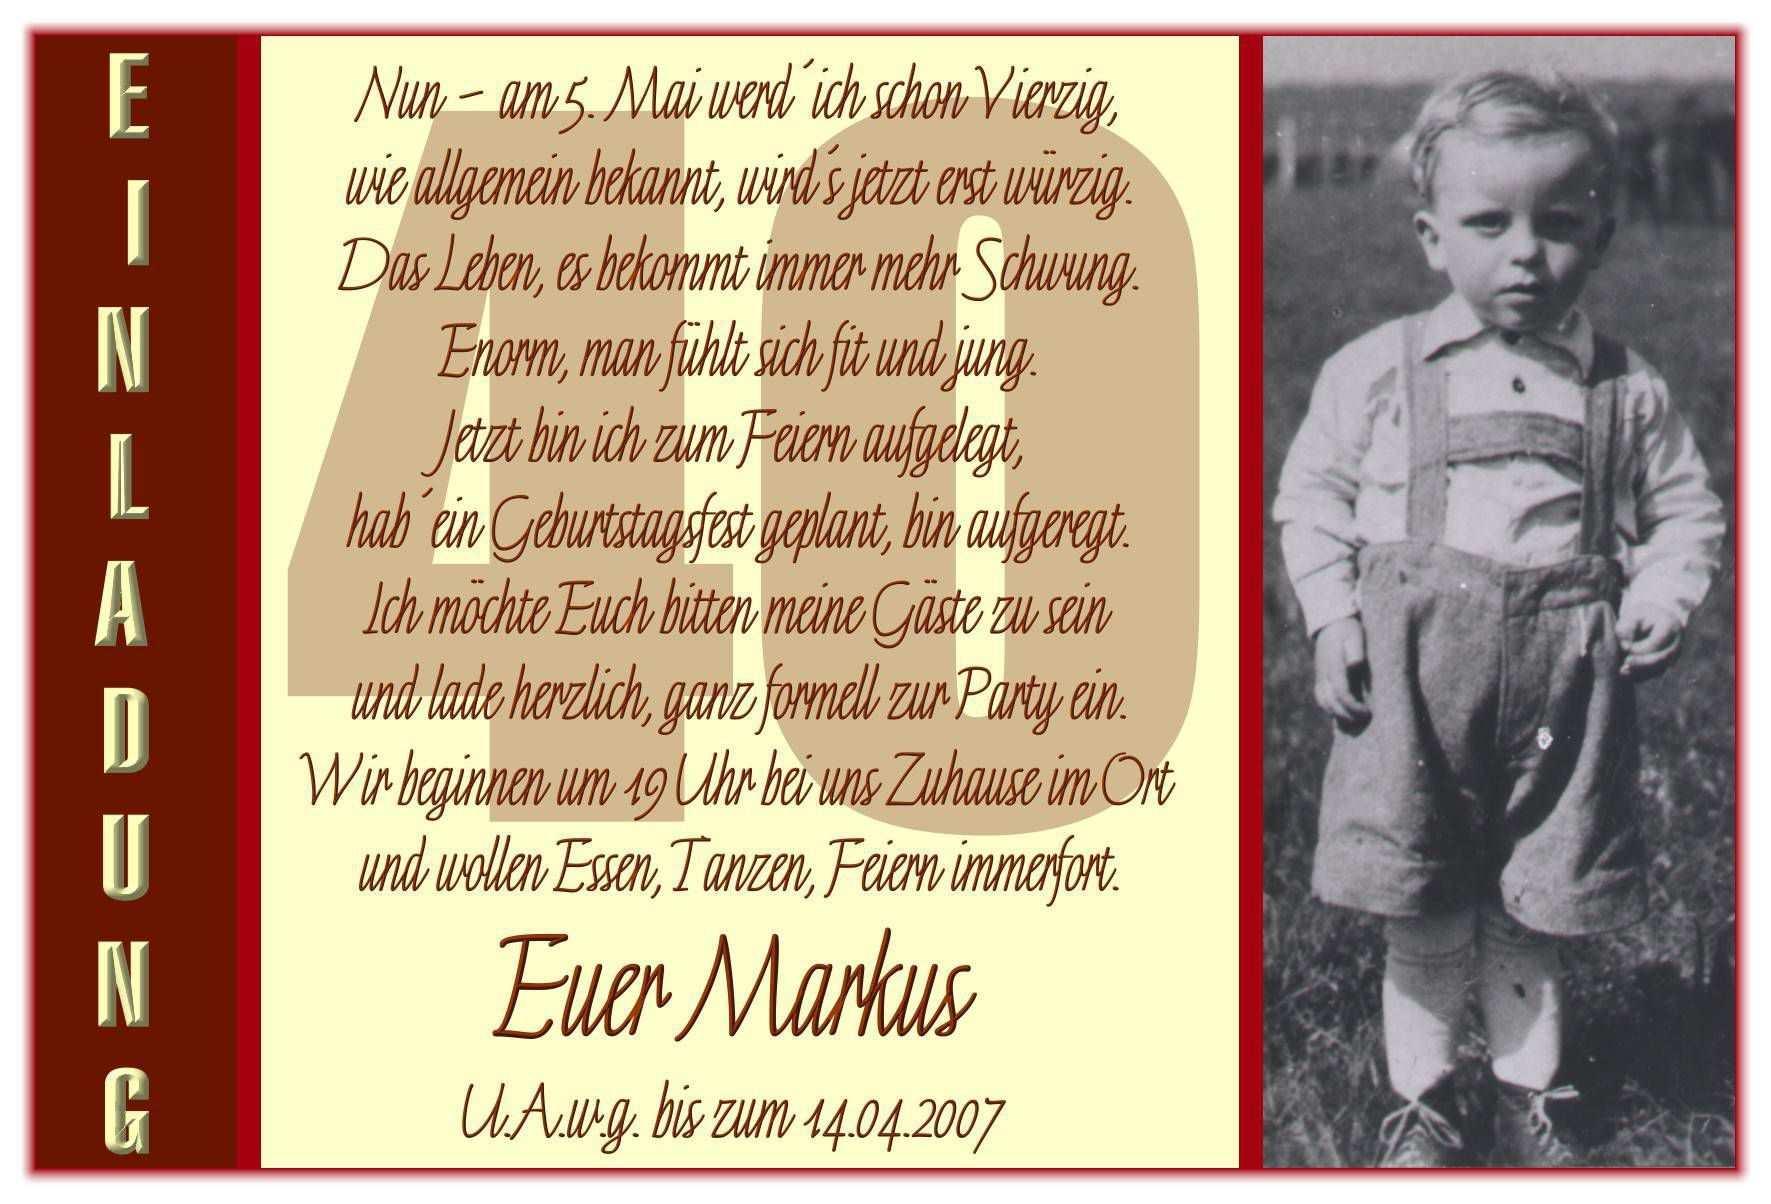 Einladungskarten 50 Geburtstag Vorlagen Word Einladung Geburtstag Text Geburtstag Einladung Vorlage Einladung Geburtstag